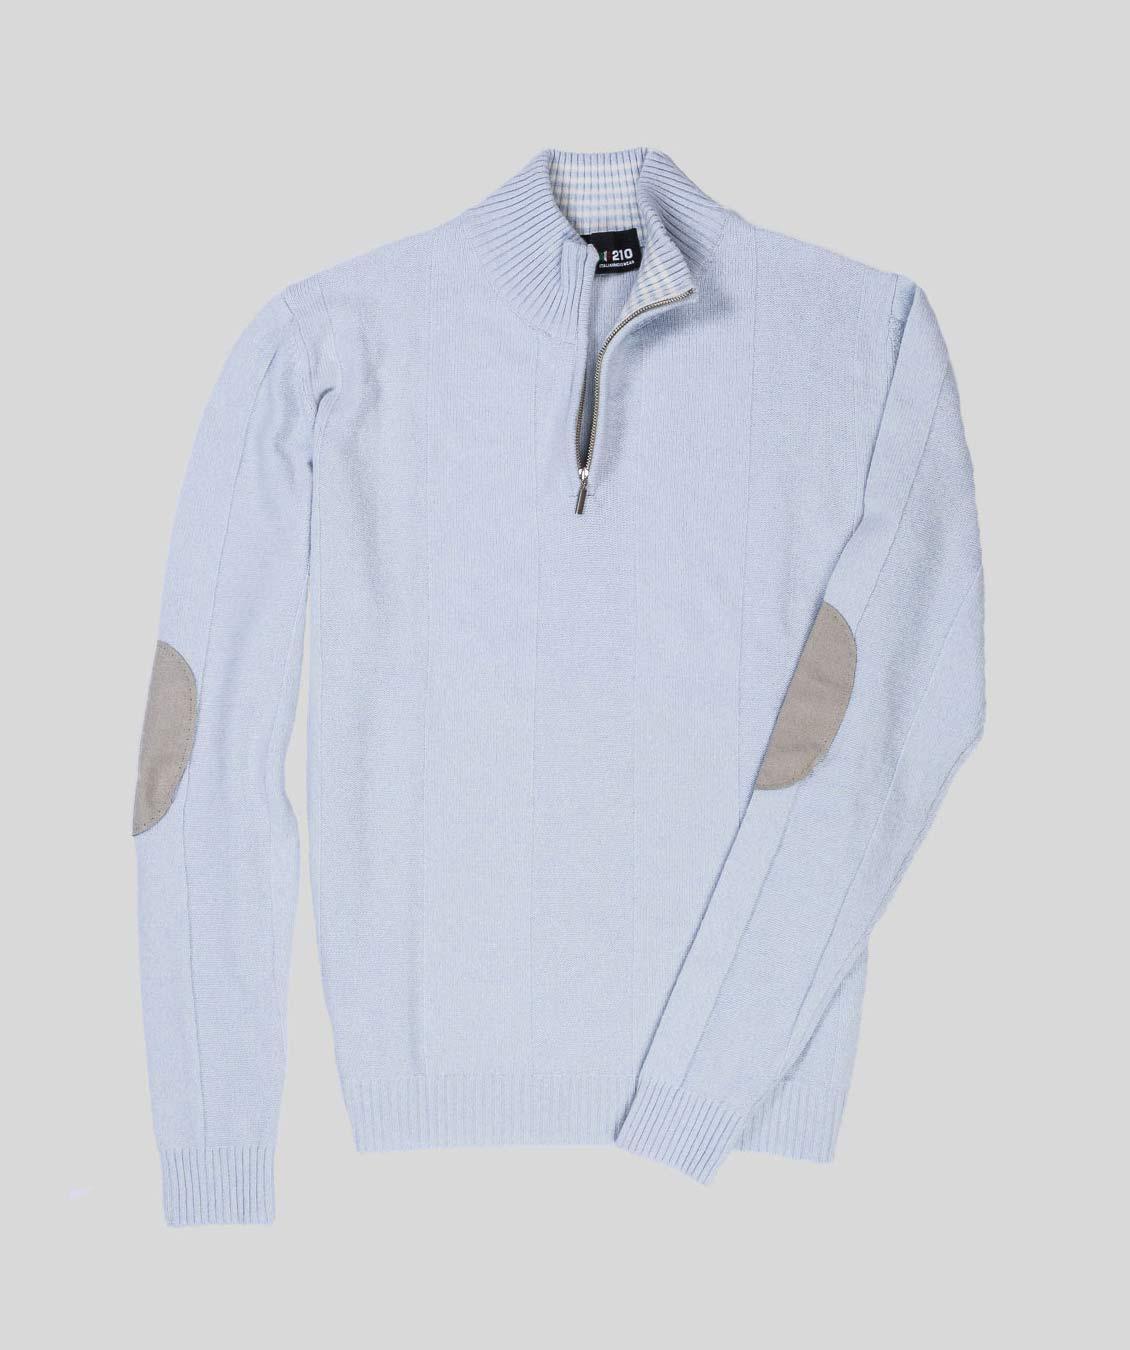 sito affidabile 4d3ea 78d17 Maglione con zip extra tall uomo 210 messwear shop online